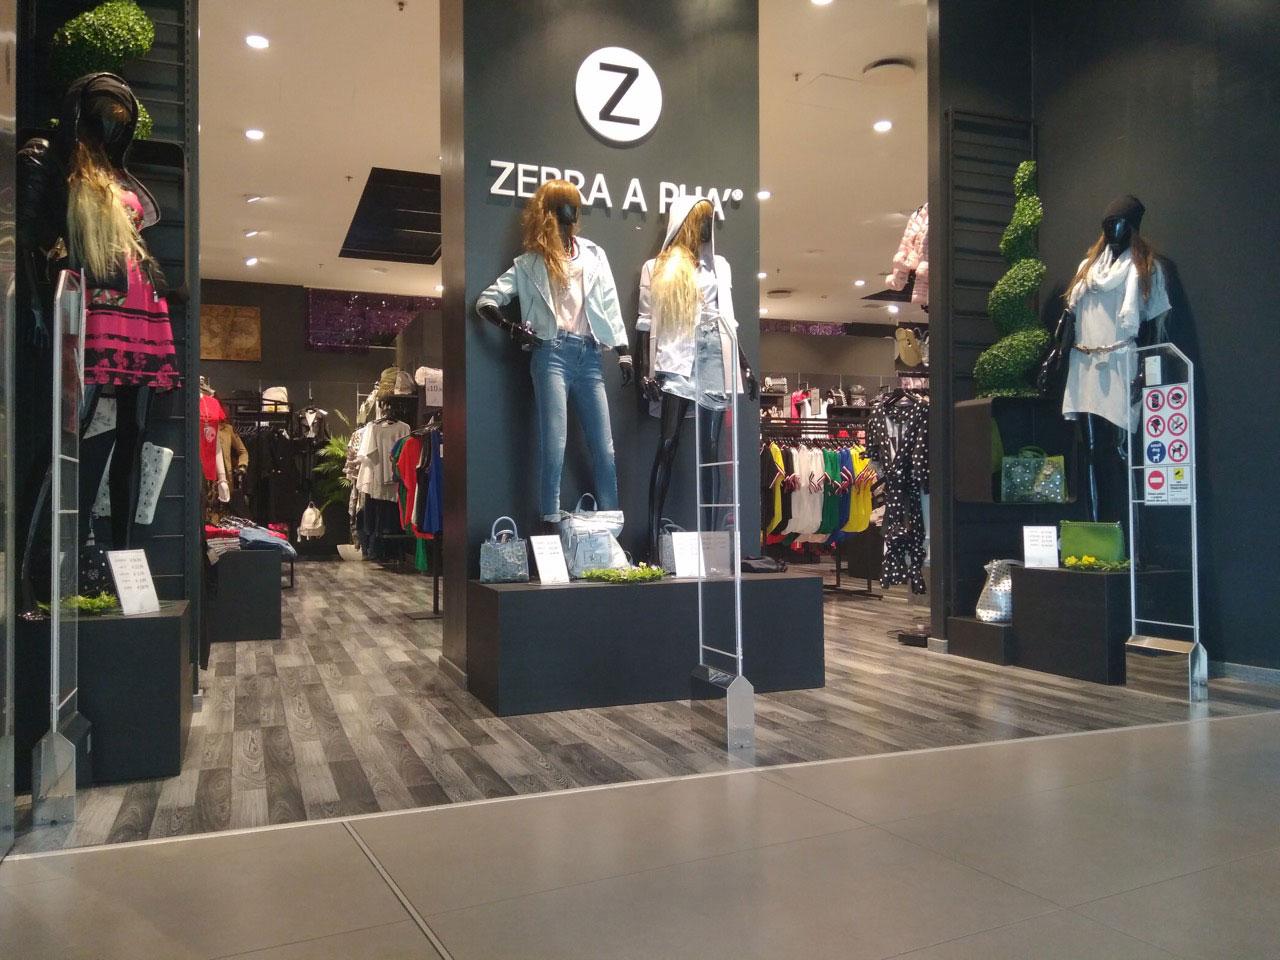 impianto antitaccheggio Terna Cristal zebra a Puà